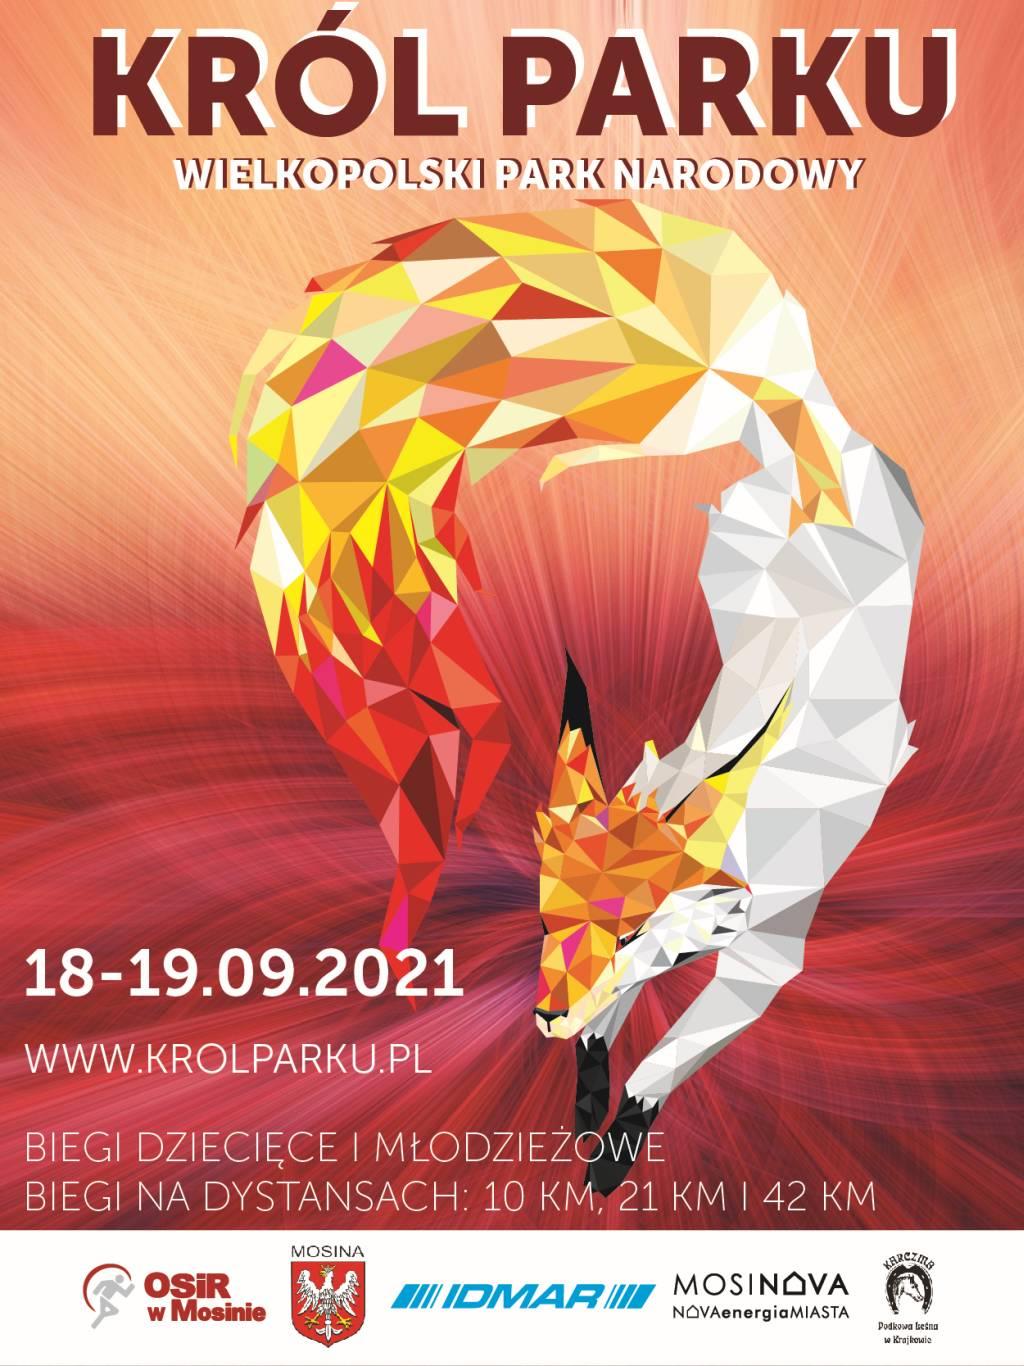 Plakat informacyjny na temet biegów w ramach Festiwalu Biegowego Król Parku